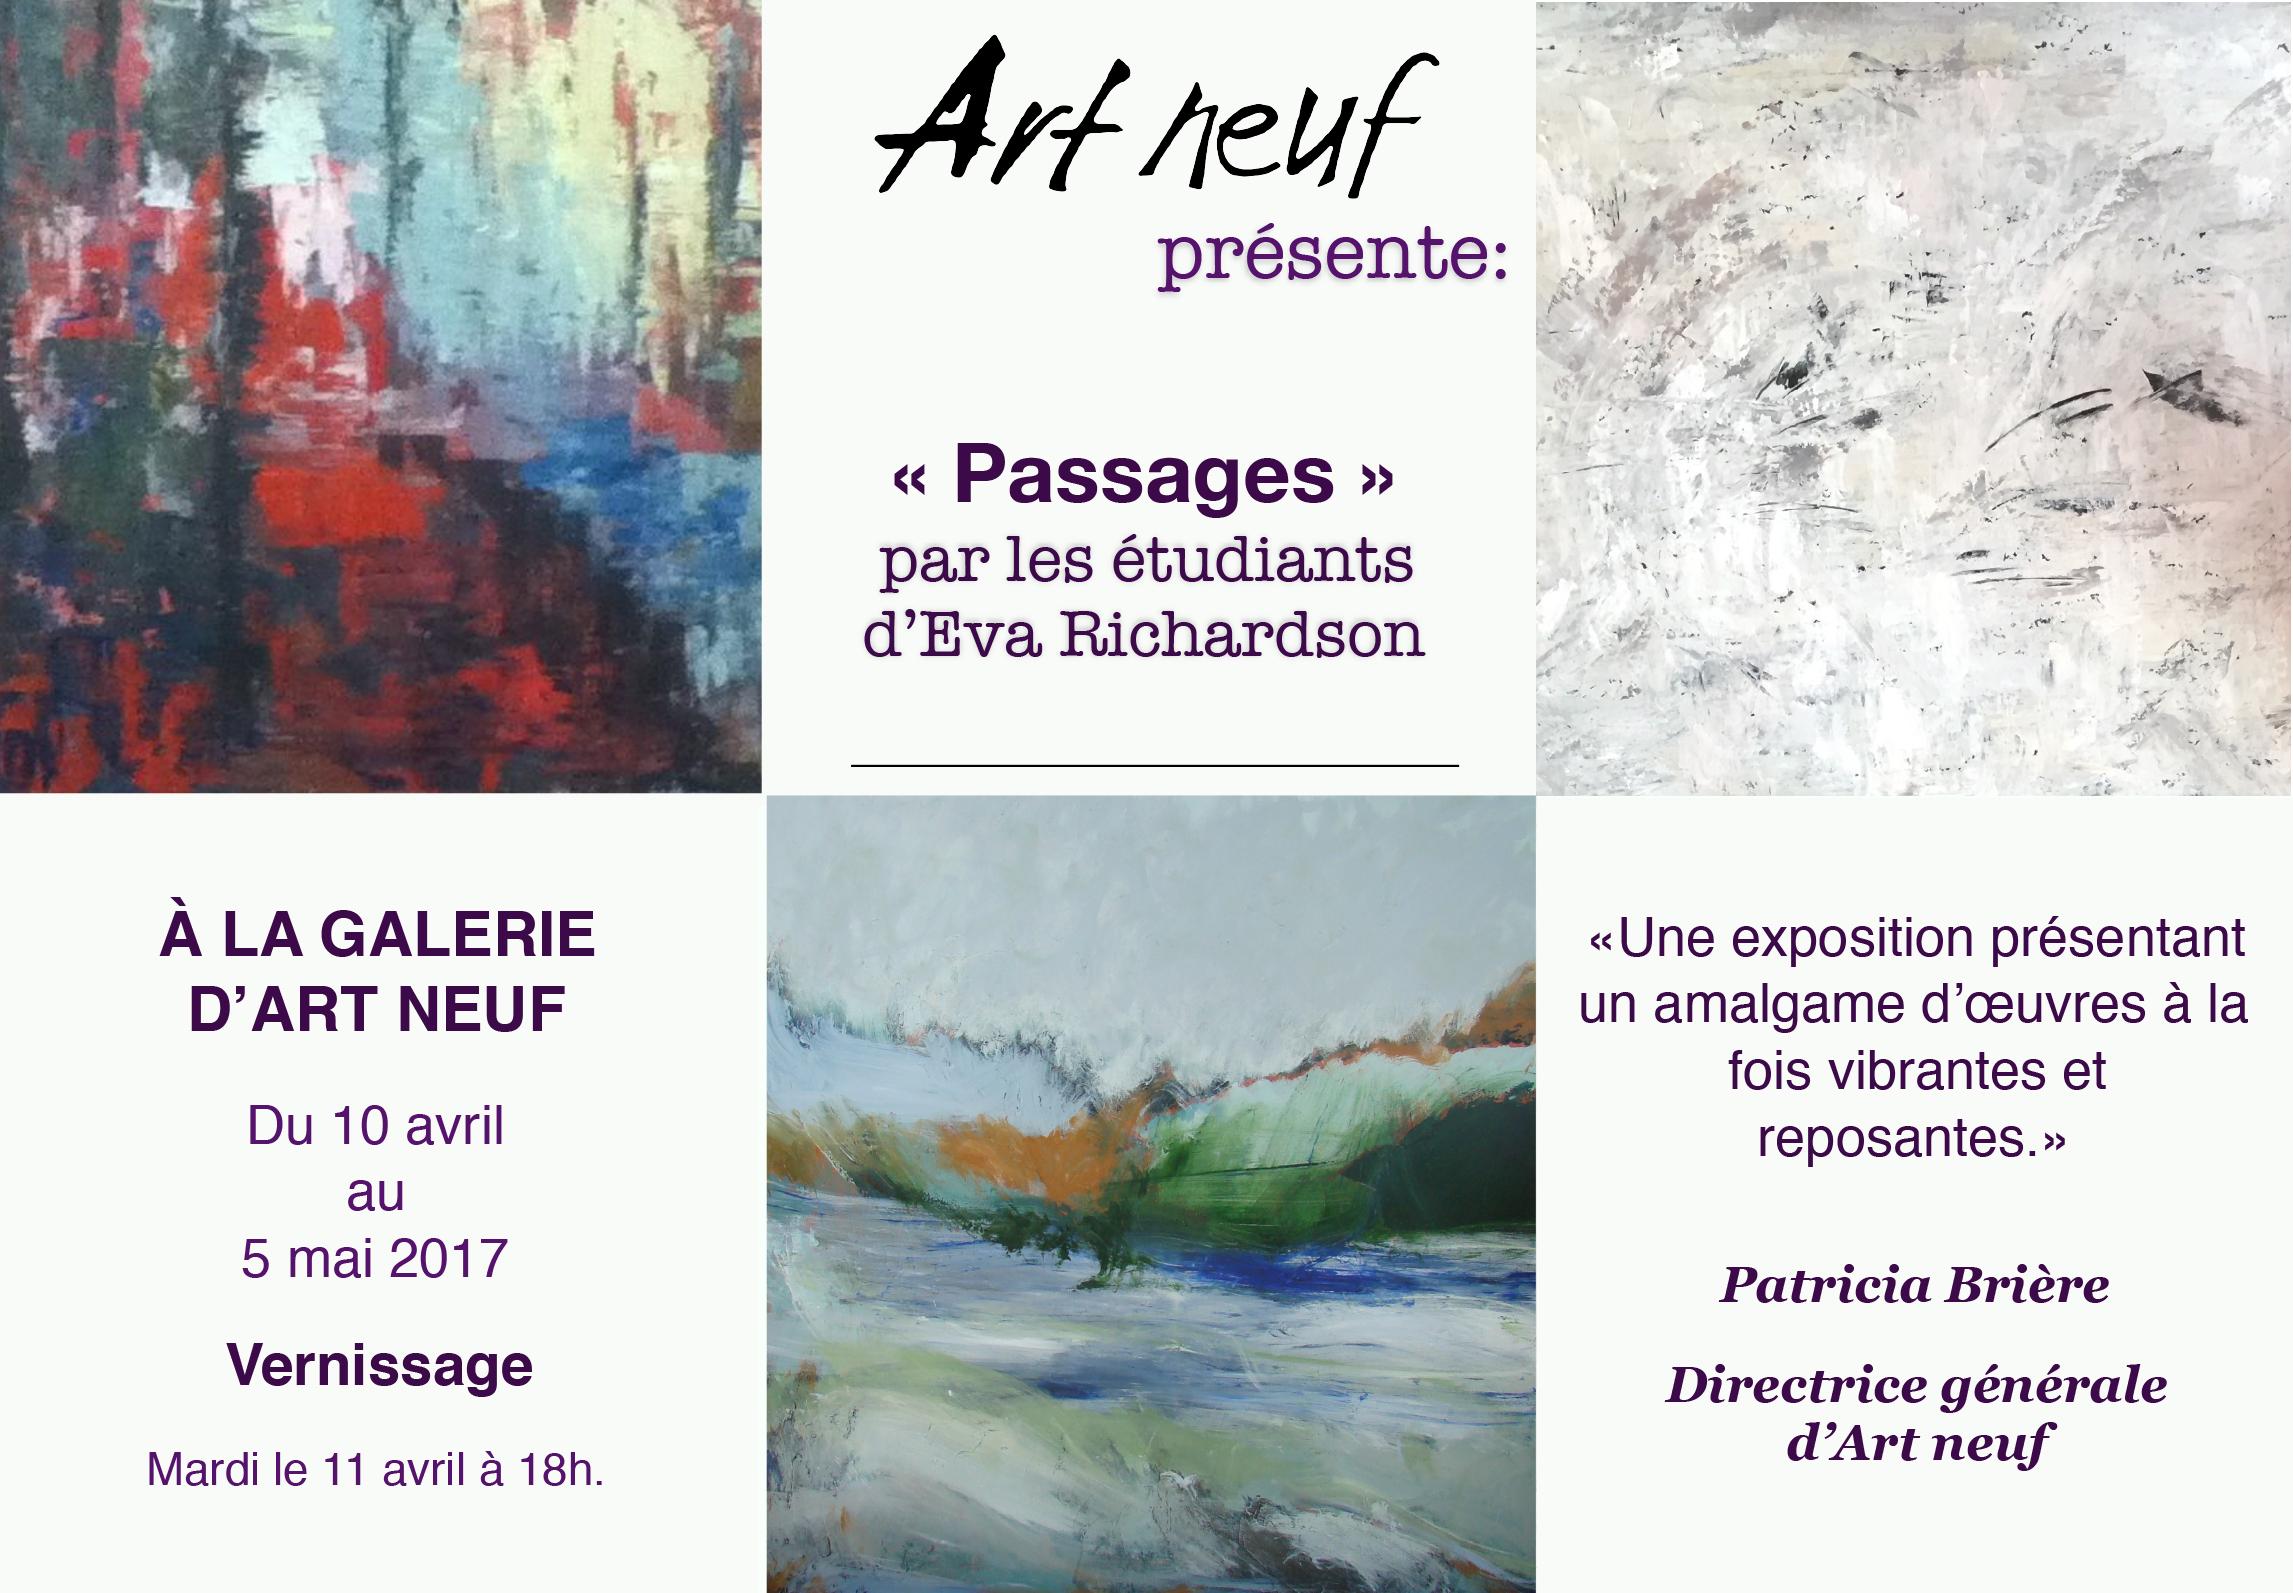 Communiqué Presse Art neuf - Exposition passages 2017